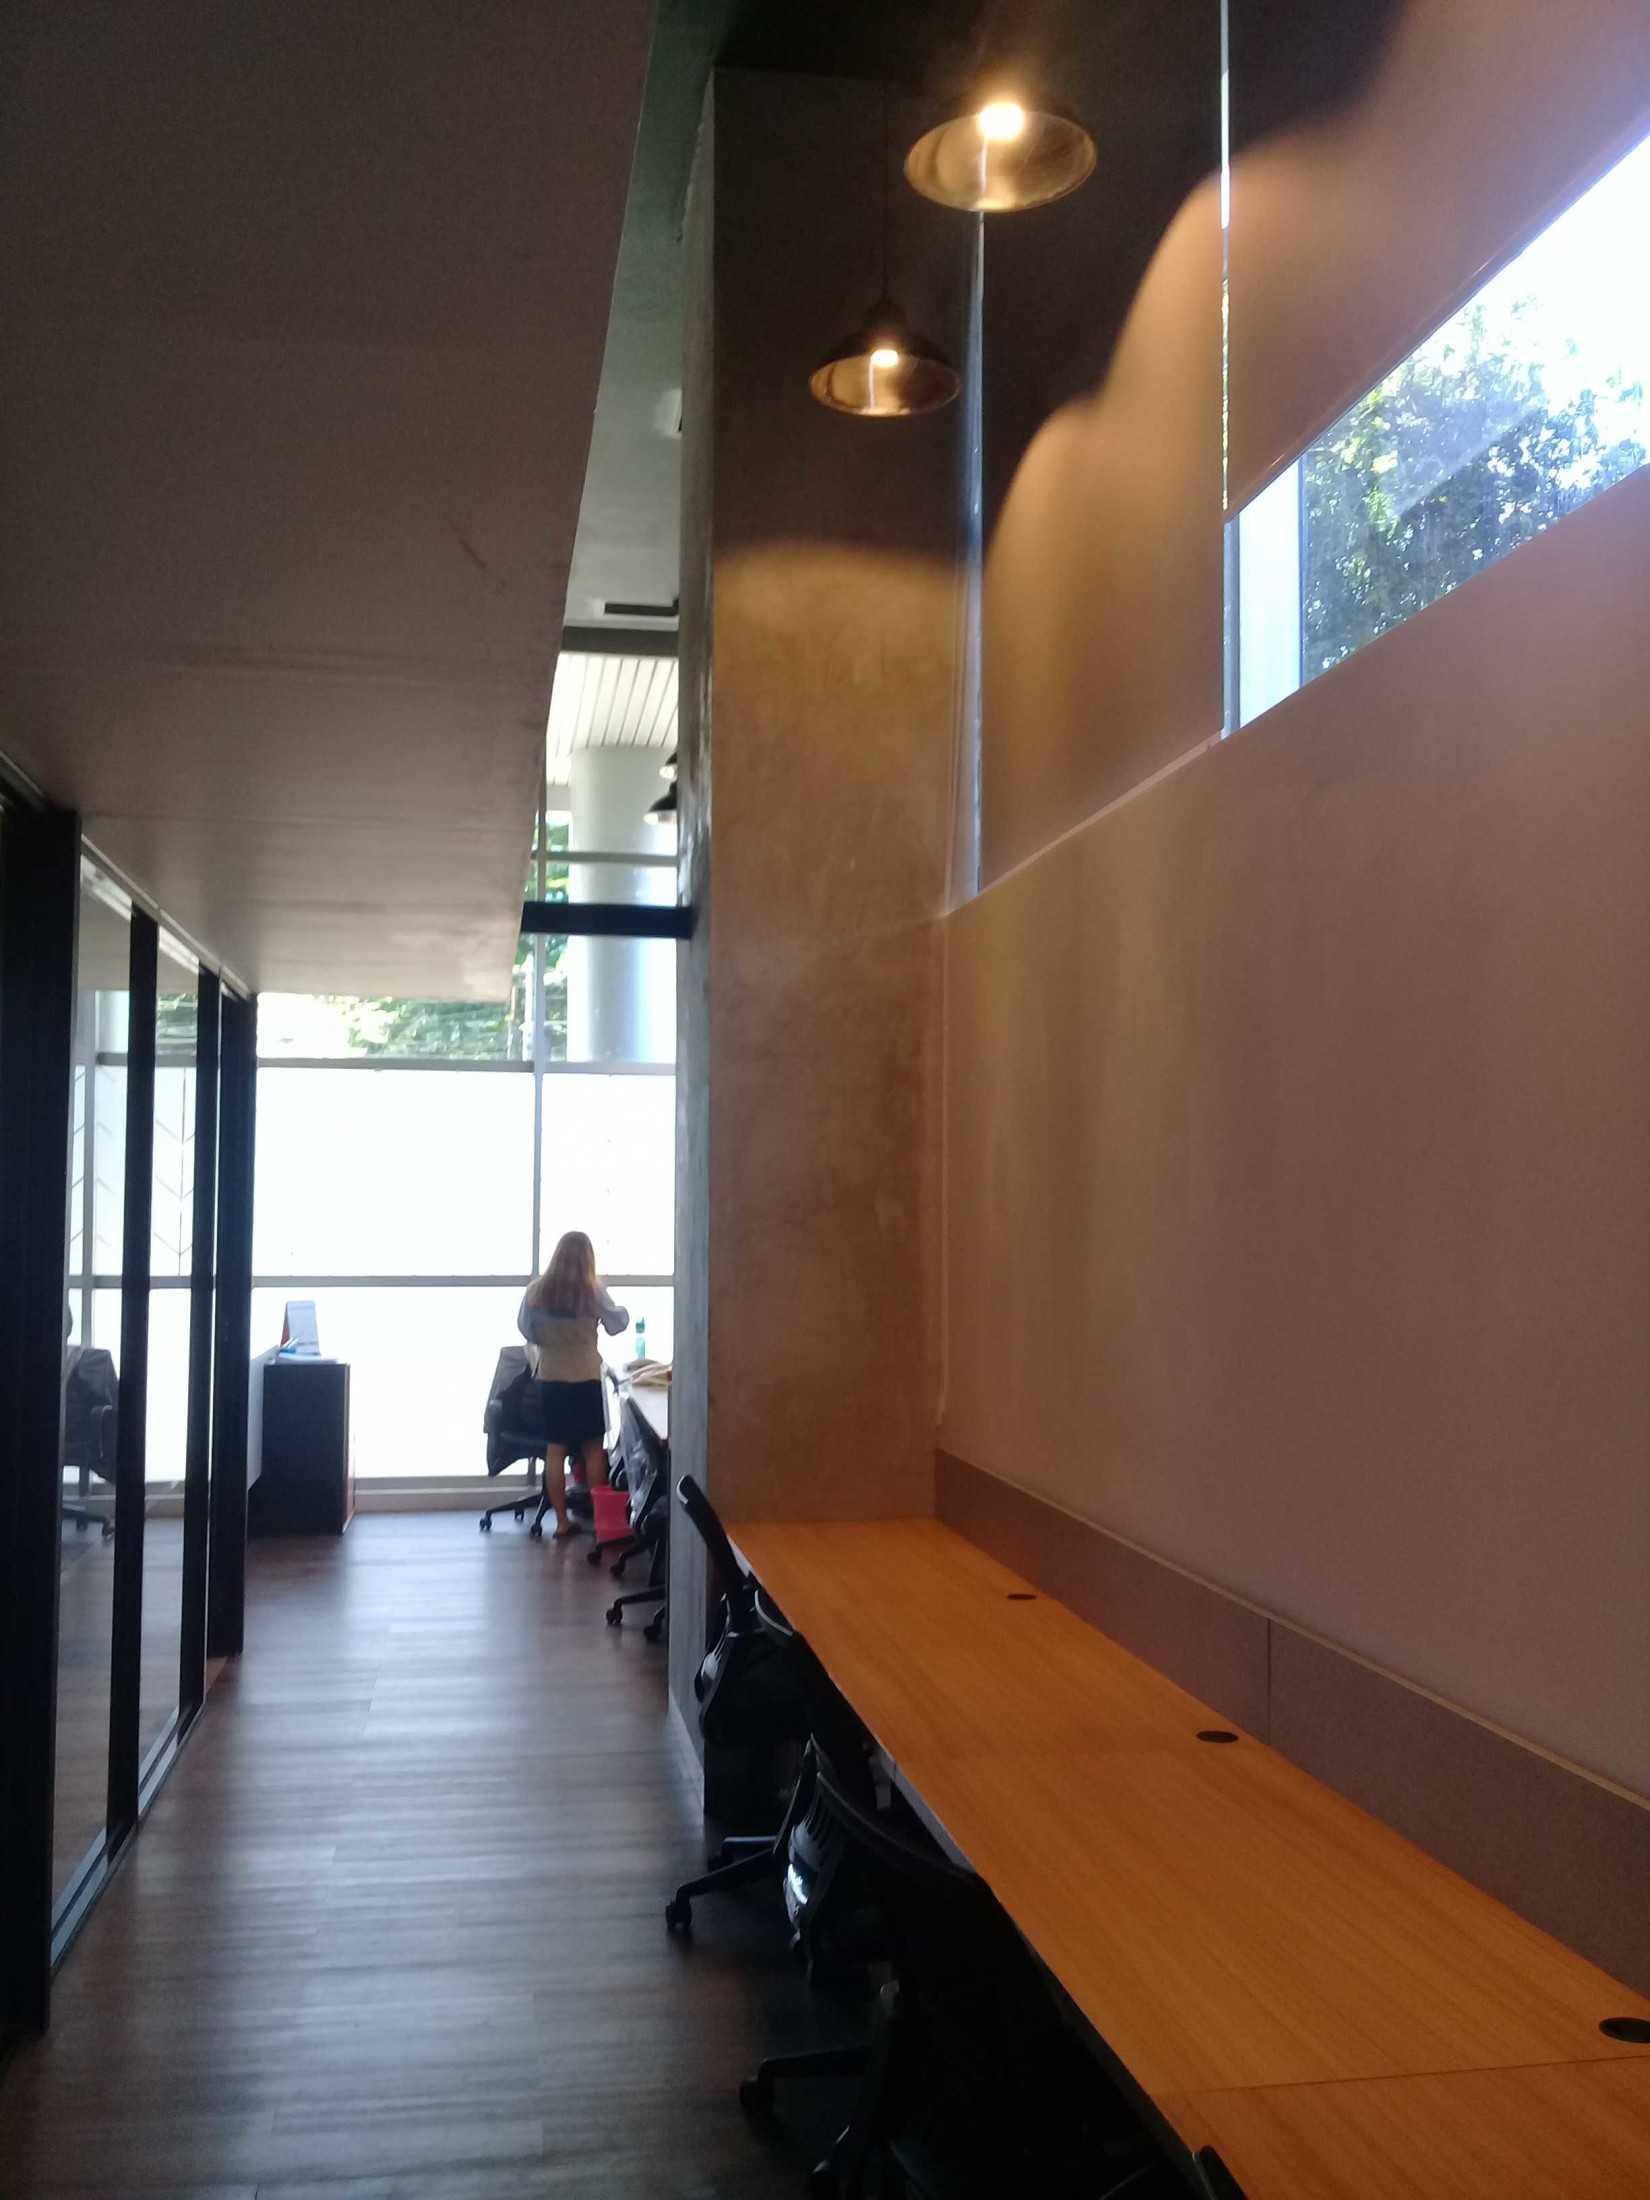 Foto inspirasi ide desain ruang kerja industrial Area kerja karyawan oleh yasa+ di Arsitag